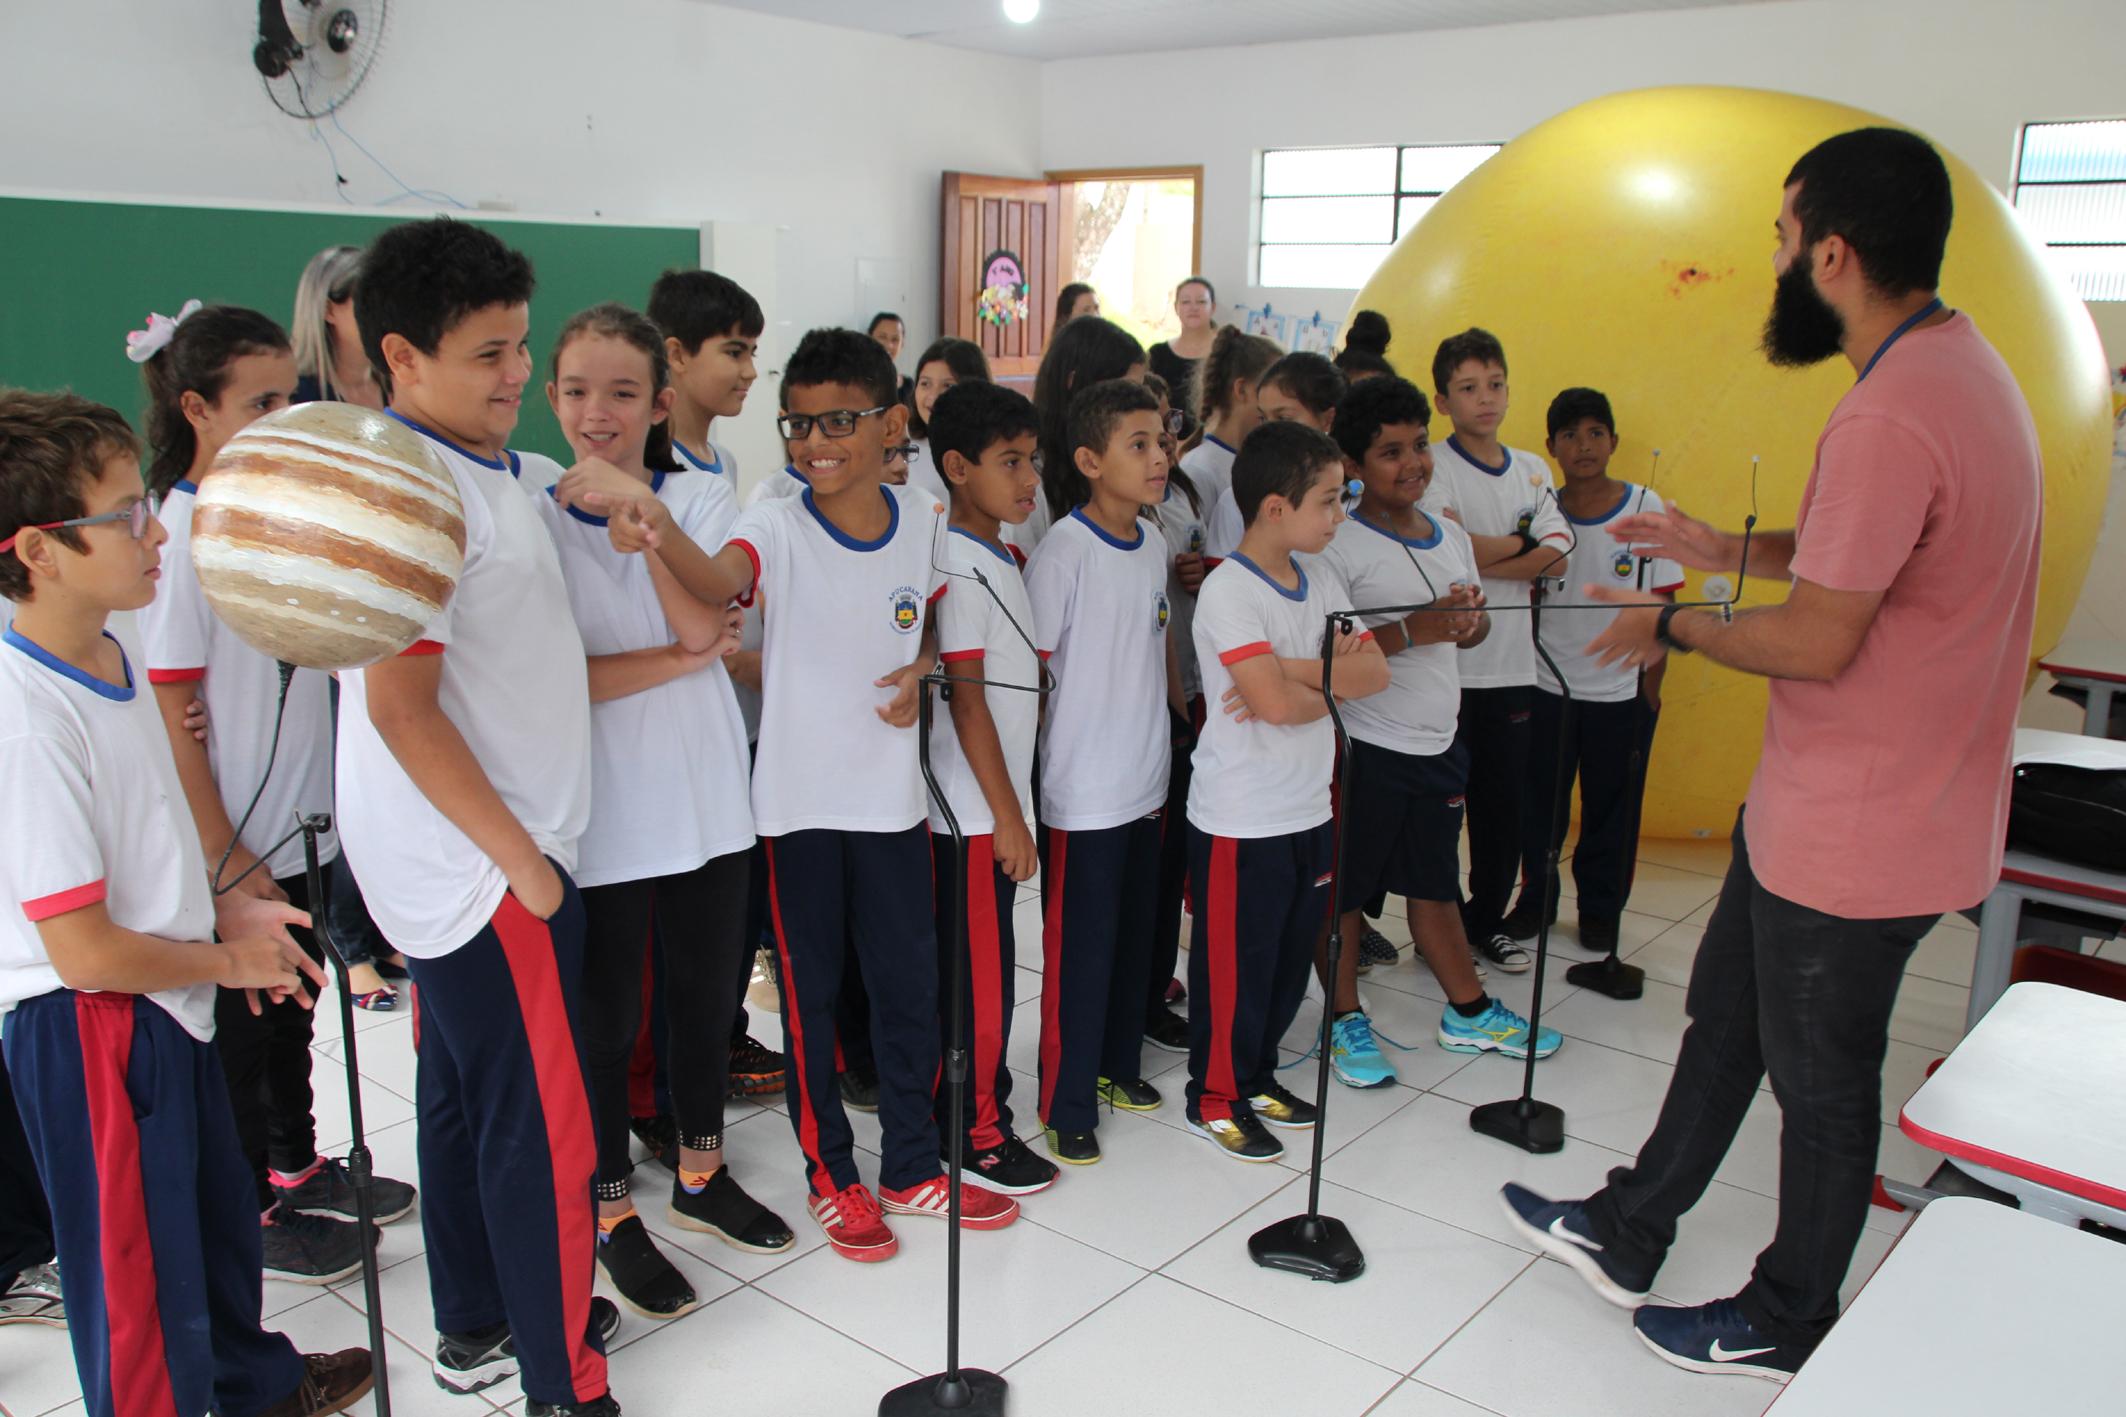 Exposição de ciências percorre as escolas municipais de Apucarana